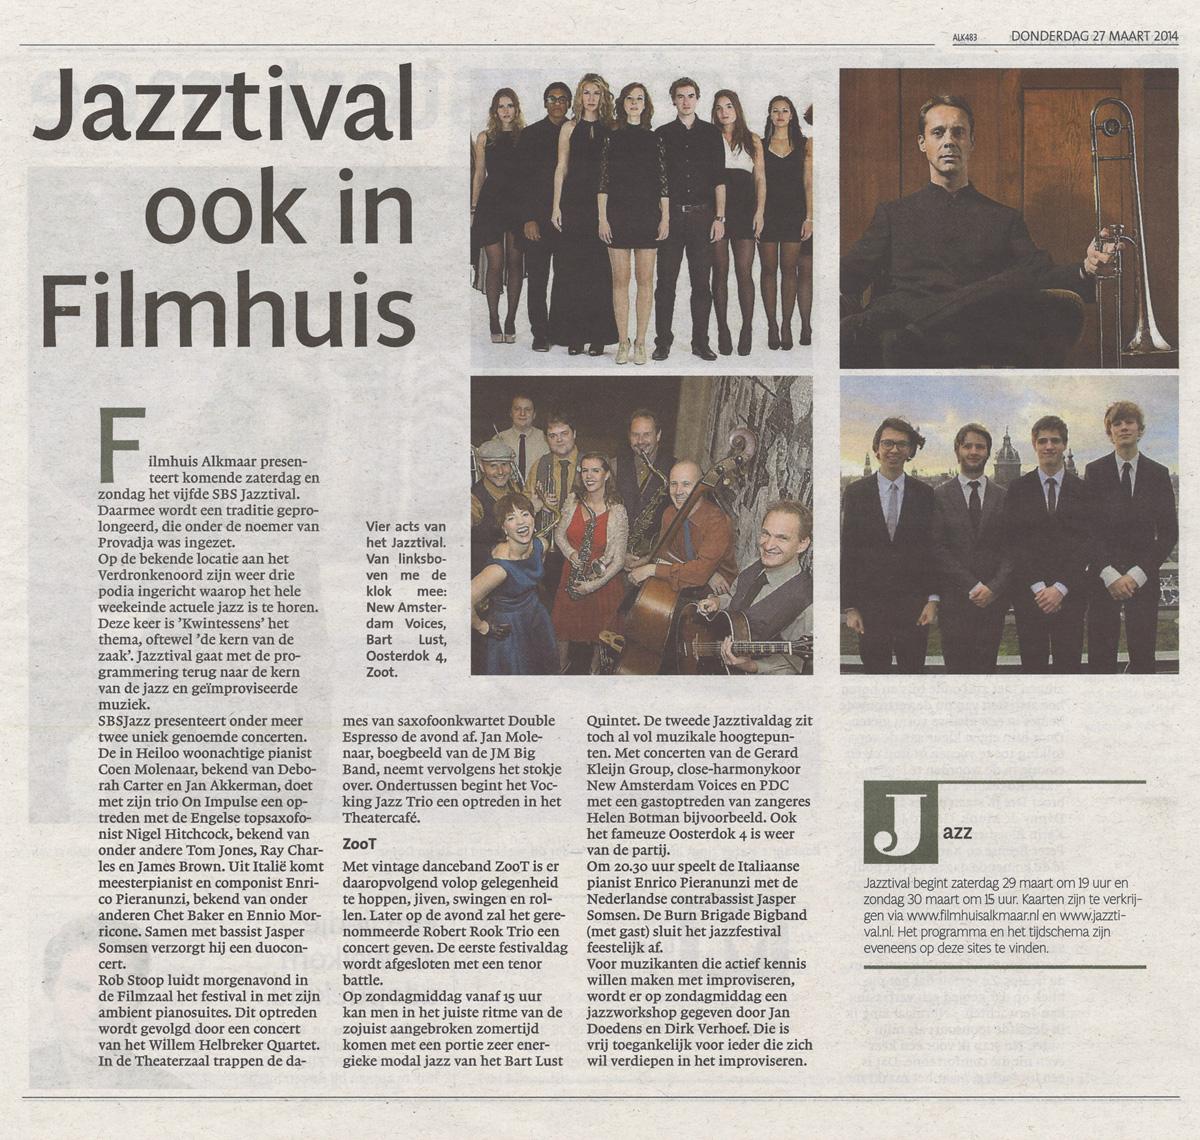 Alkmaarsche Courant, 27 maart 2014